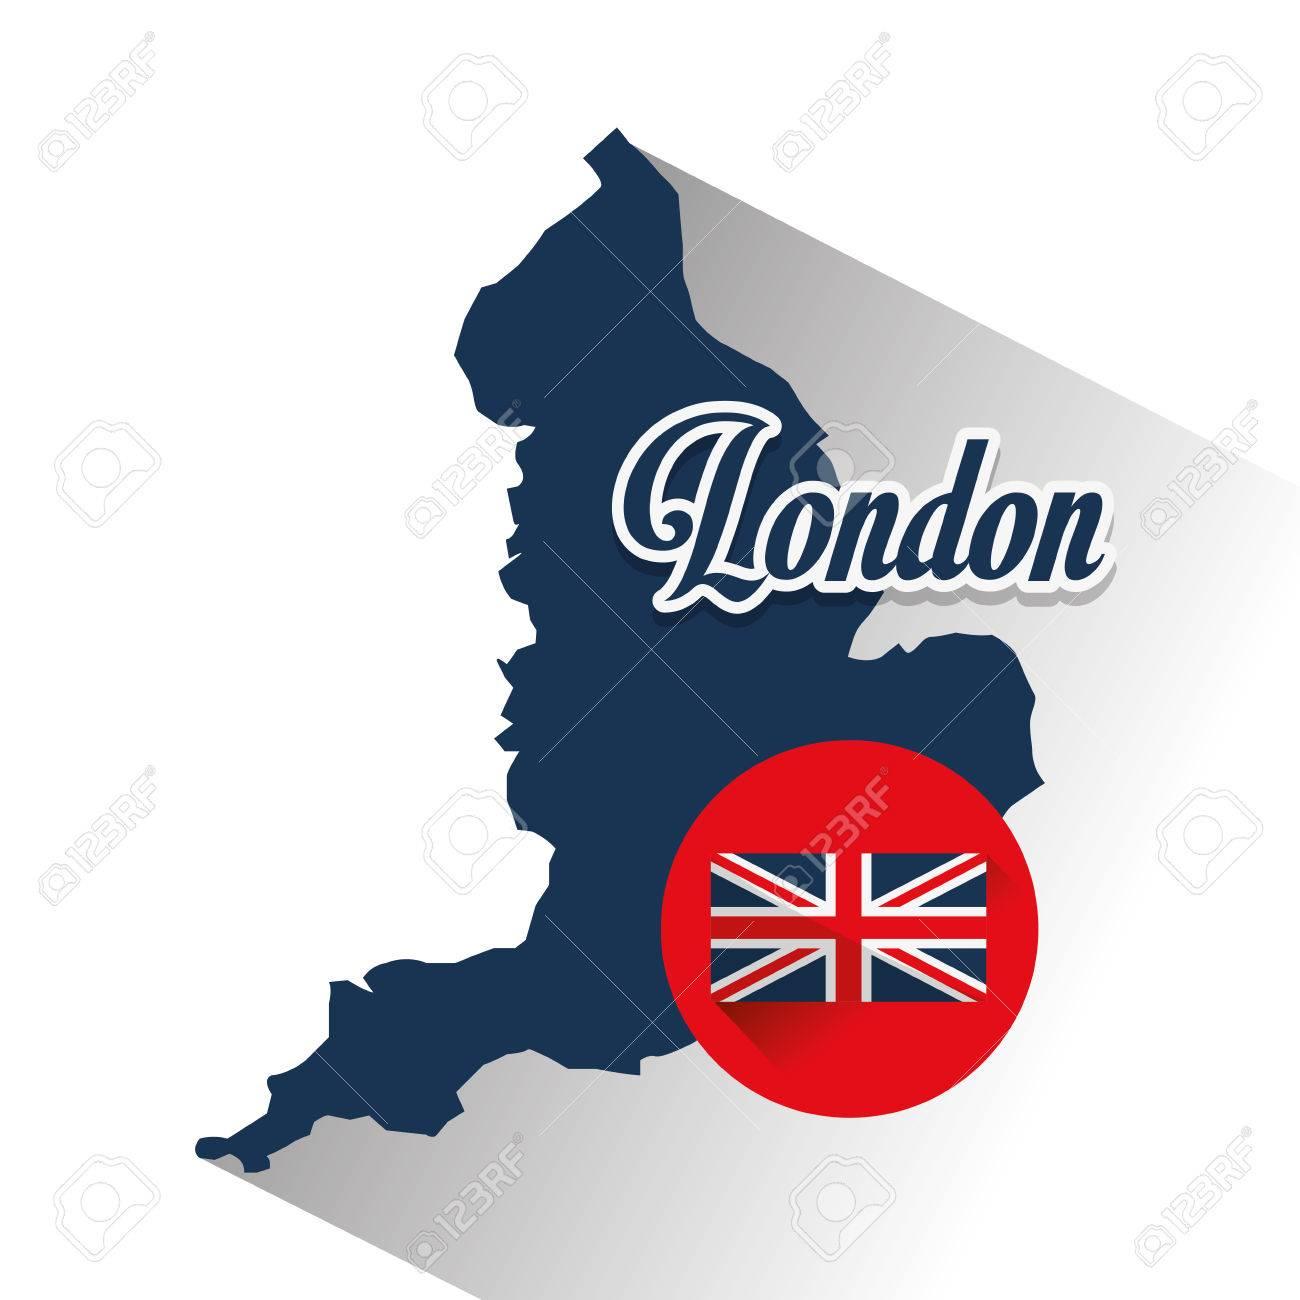 Carte Londres Angleterre.Icone De Carte Et De Drapeau Londres Angleterre Theme Du Tourisme Design Colore Illustration Vectorielle